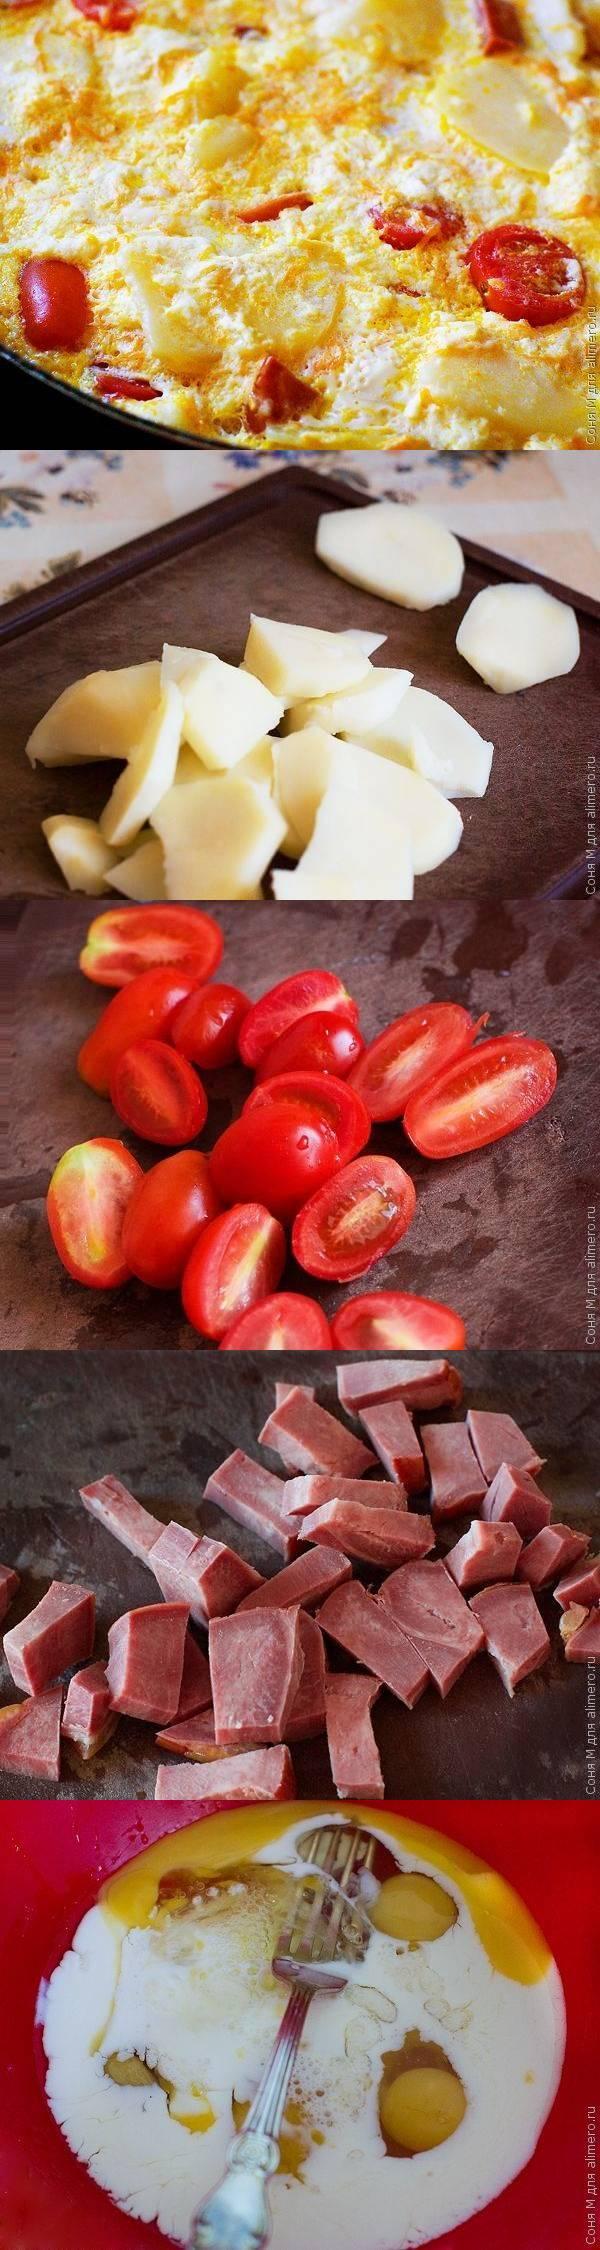 Слоеная запеканка из отварного картофеля, помидоров и языка